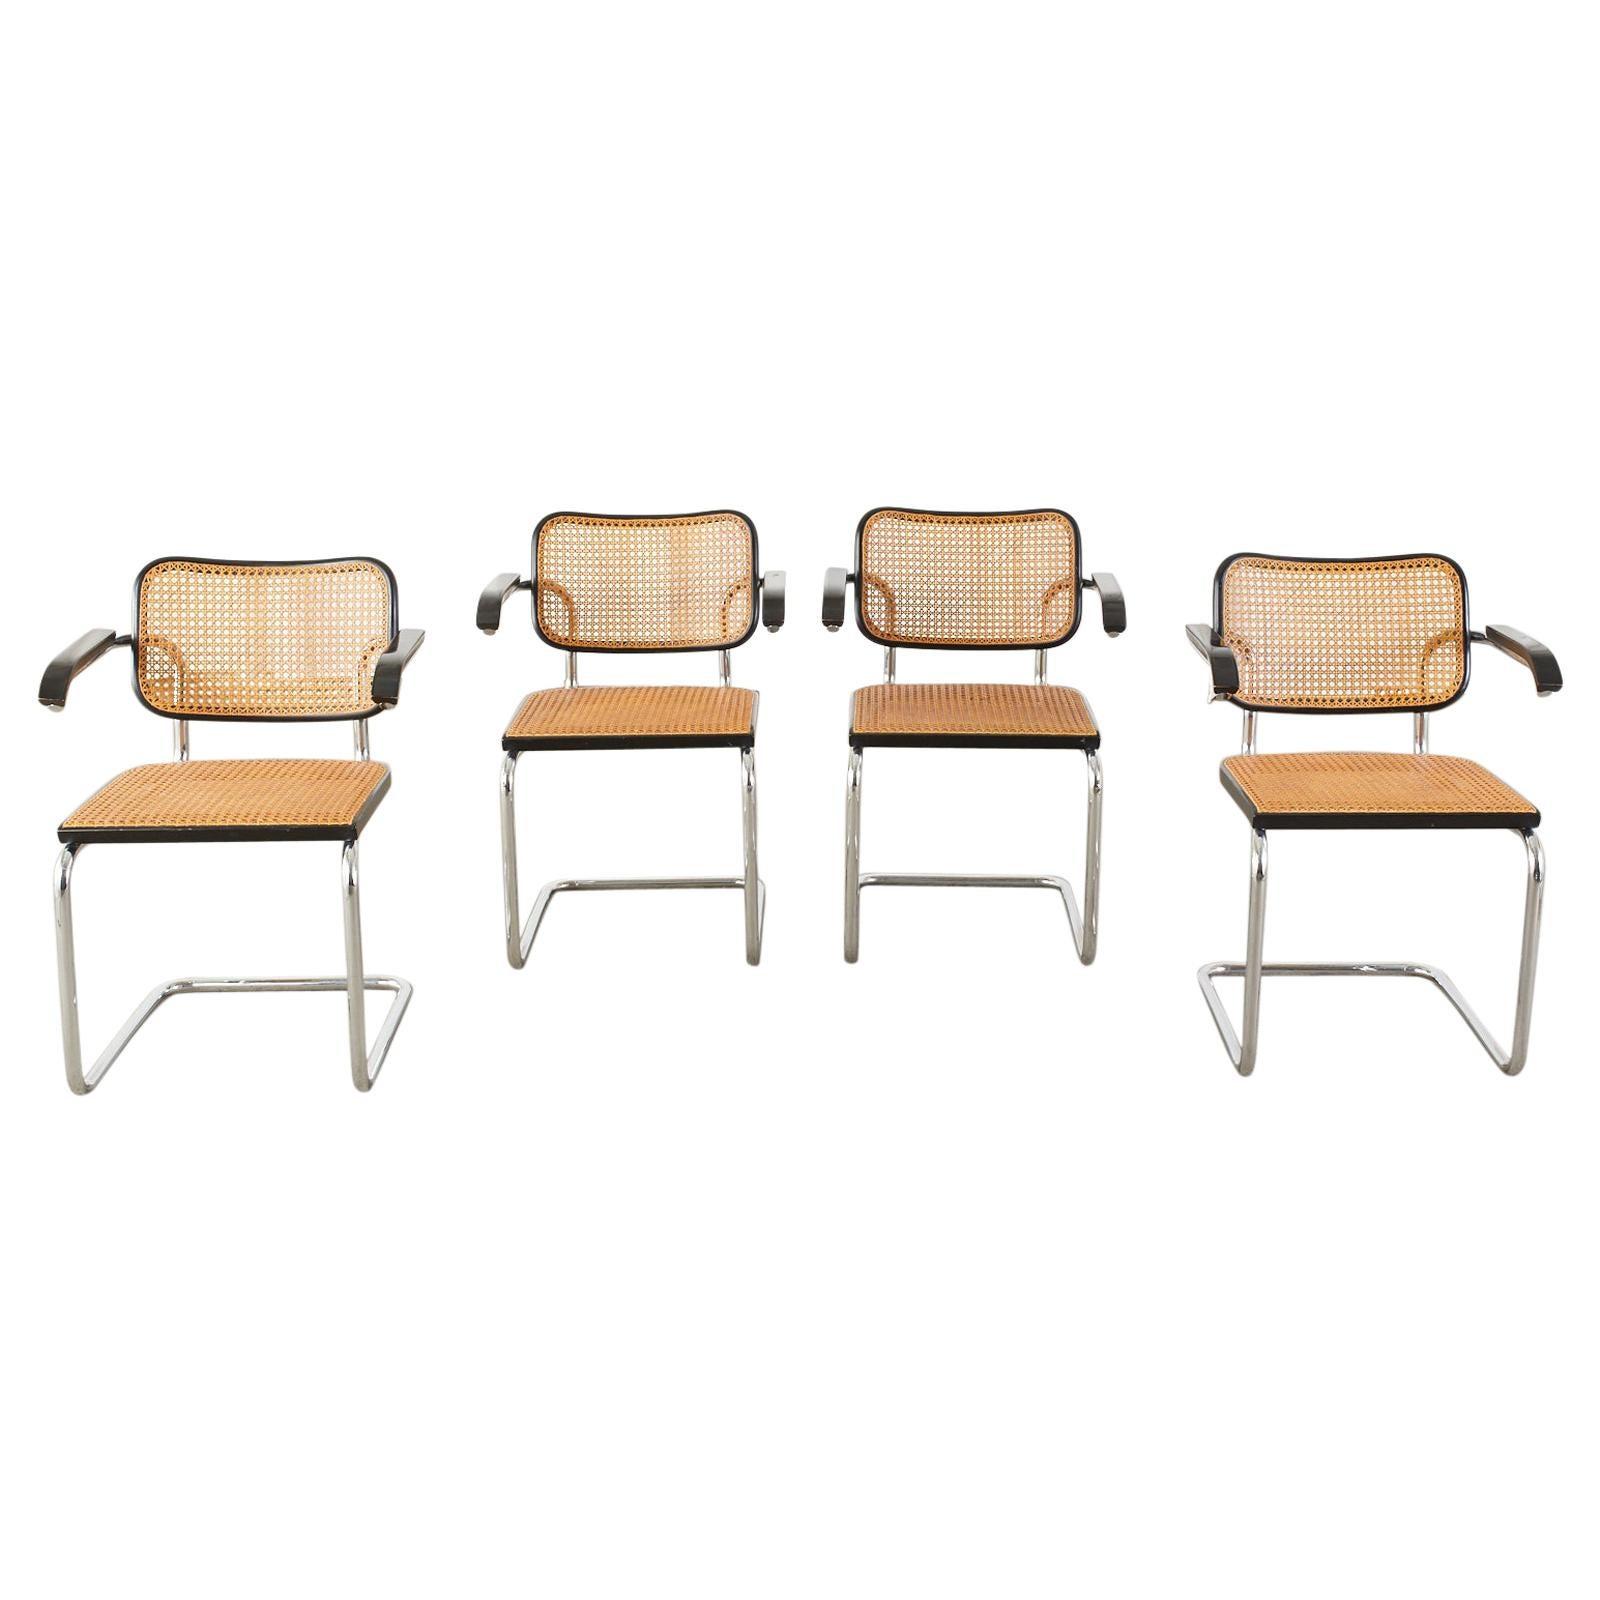 Set of Four Marcel Breuer Cesca B32 Cane Armchairs